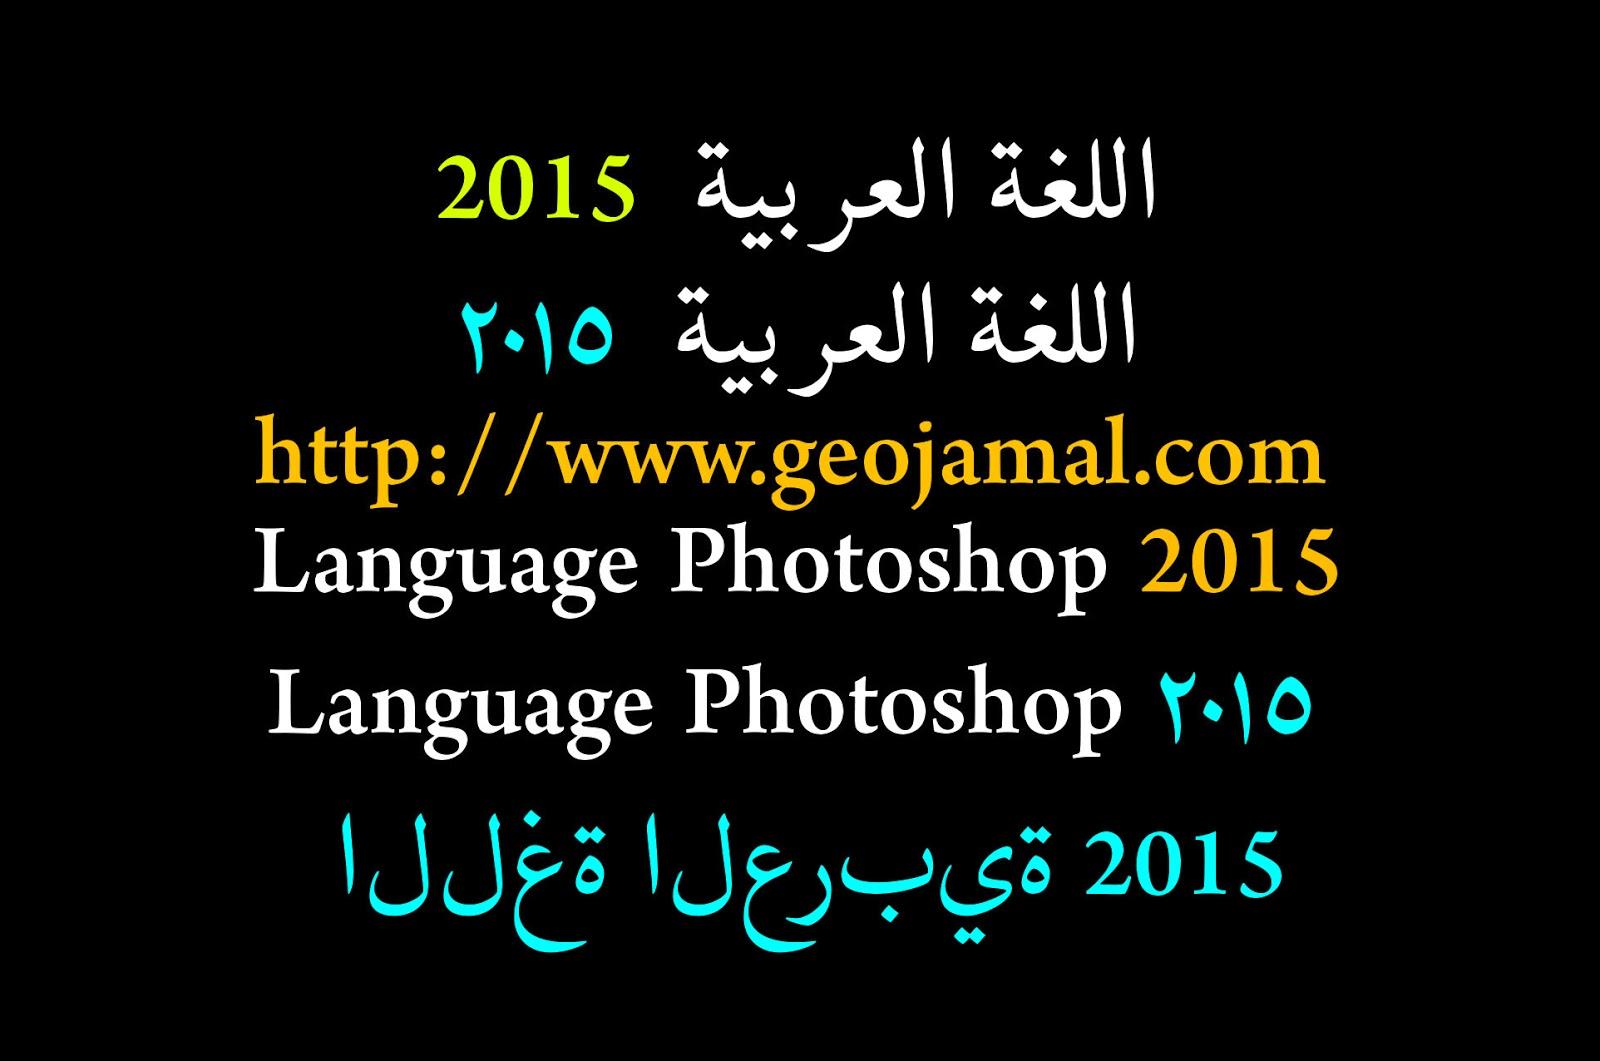 حل مشاكل لغة الكتابة في الفتوشوب Photoshop language problems حل مشاكل اللغة العربية على الفوتوشوب